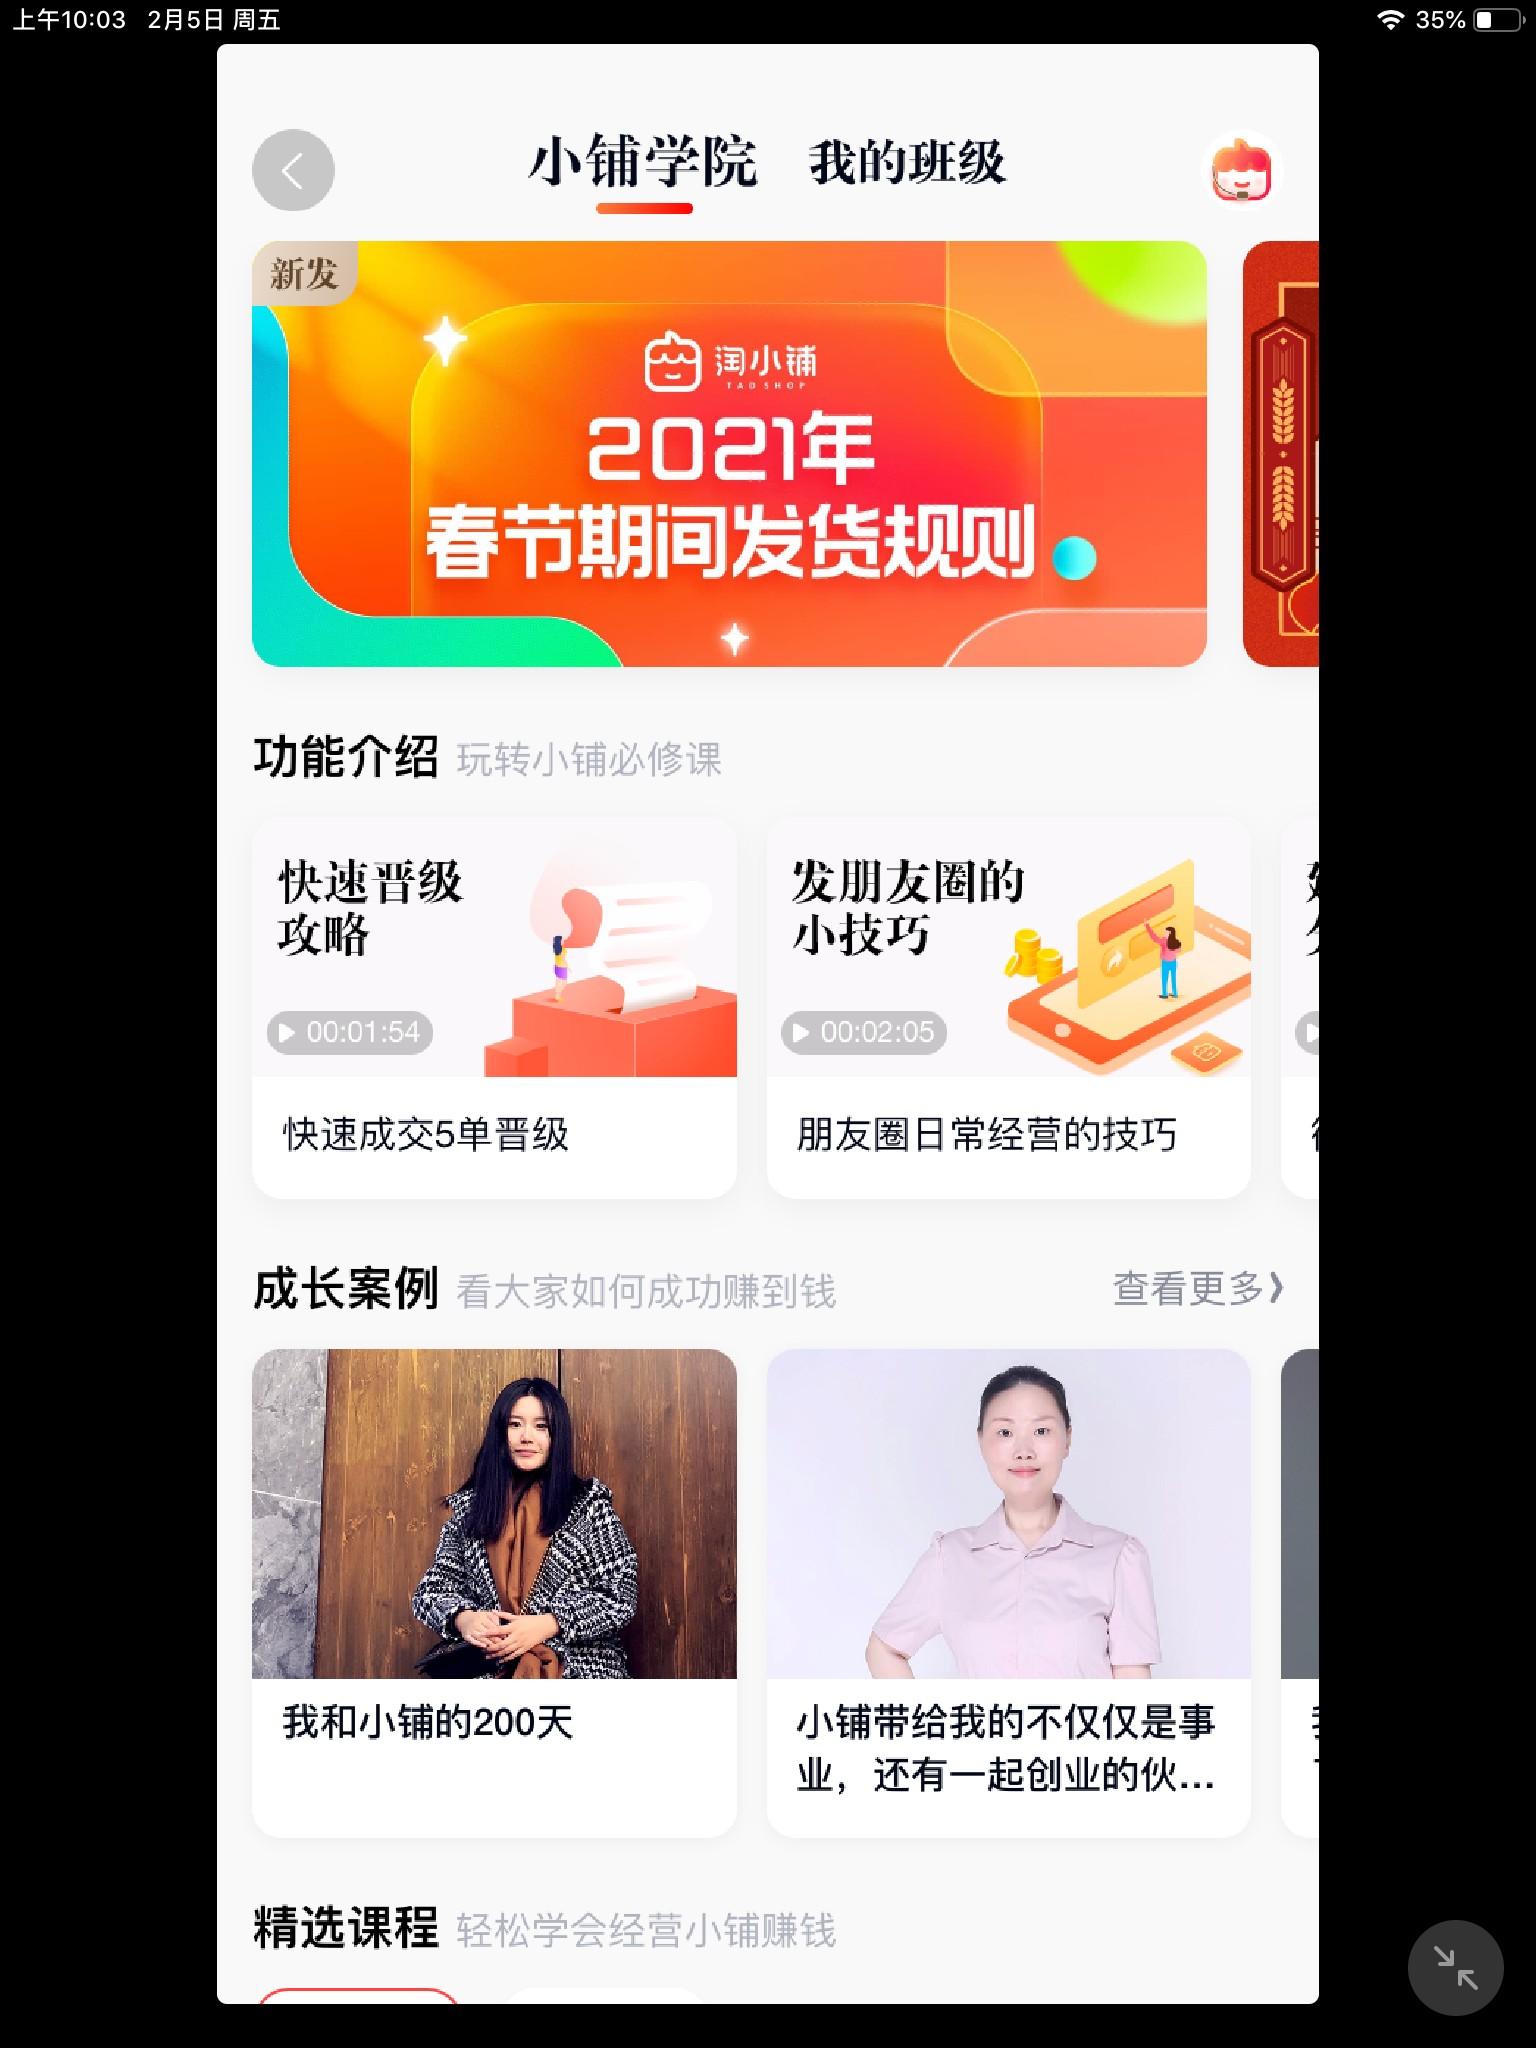 淘小铺发布2021春节期间发货规则,全力支持新老掌柜新春开门红